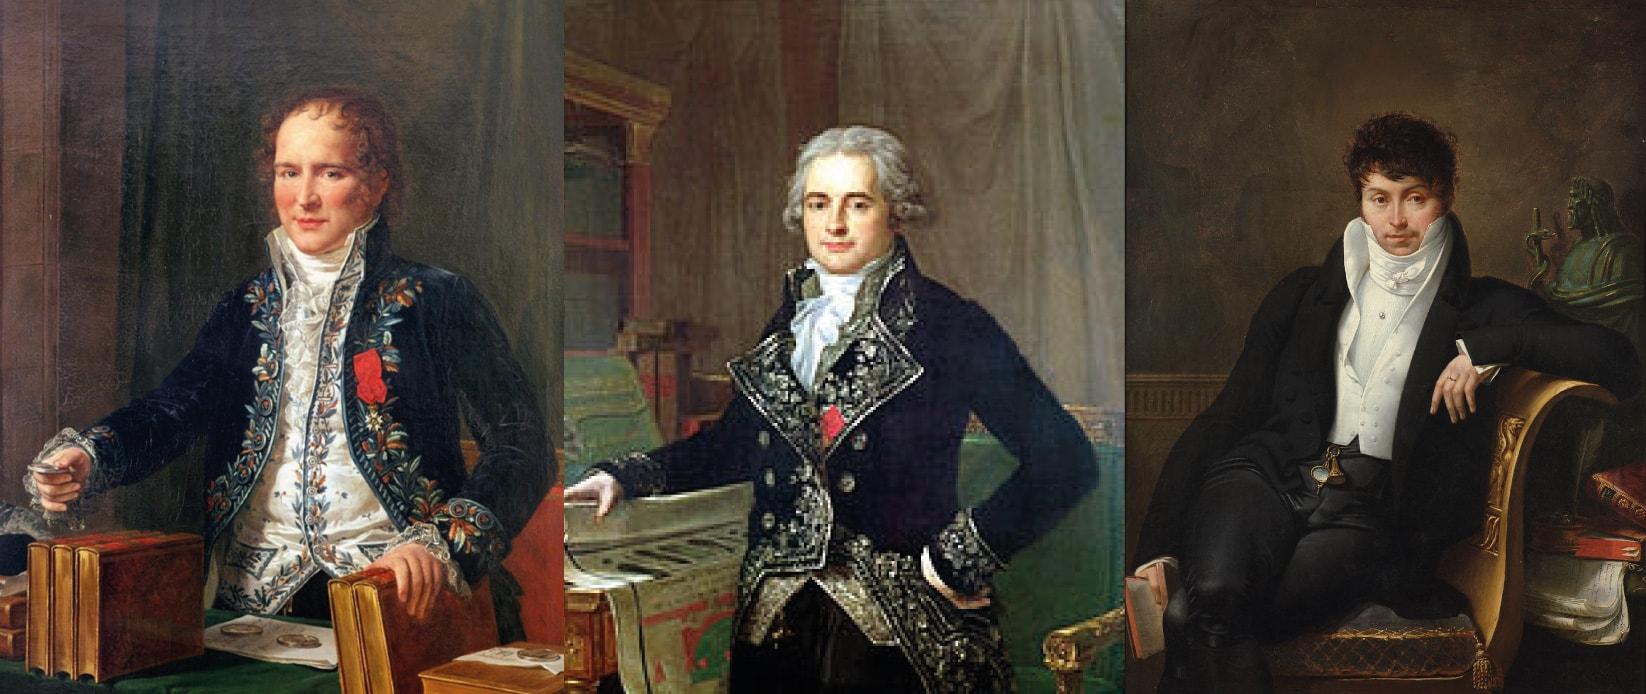 medecin_histoire_napoleon-